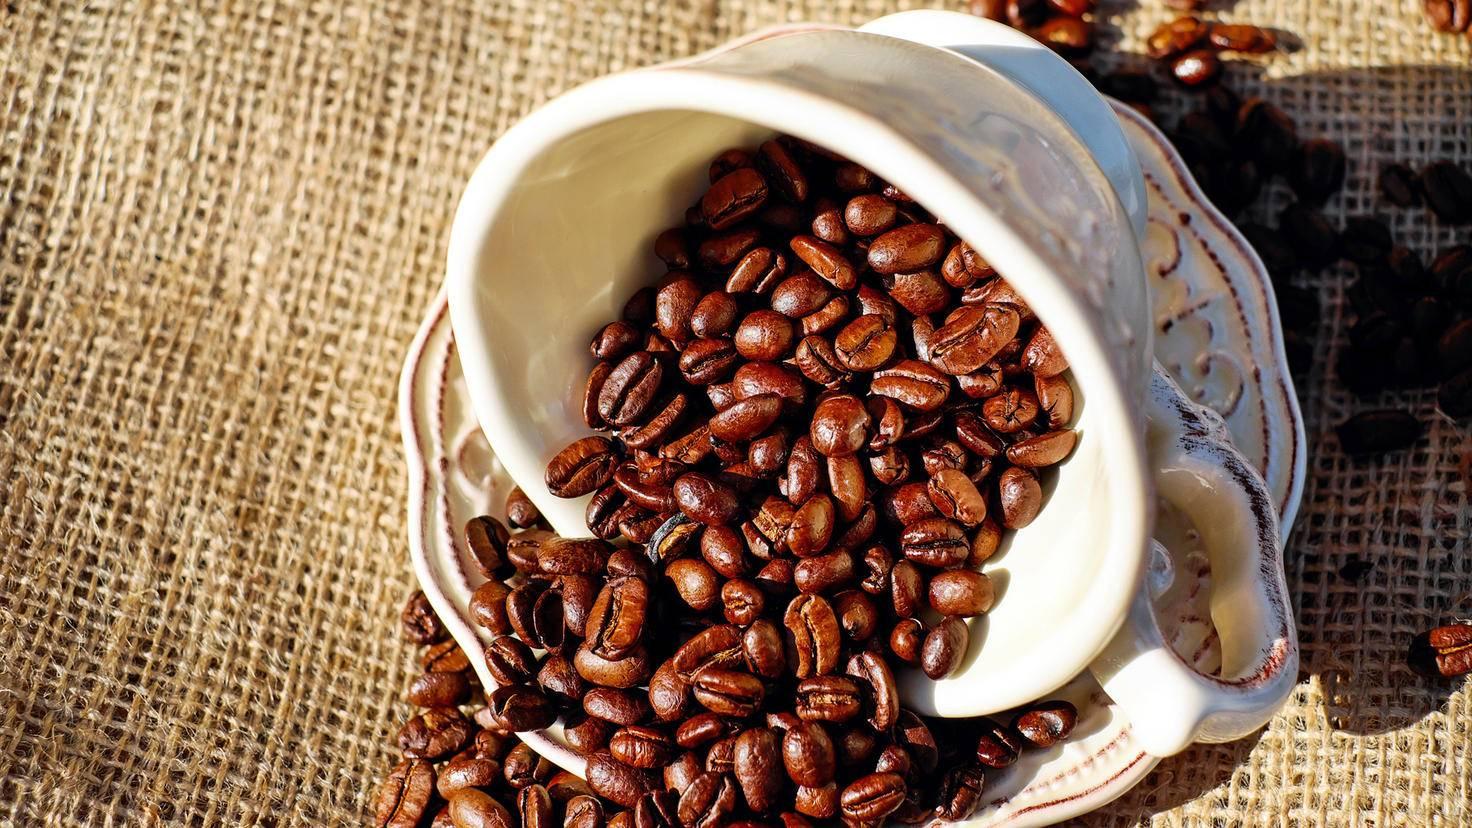 Für einen leckeren Kaffee braucht es die richtige Bohne mit der richtigen Röstung.